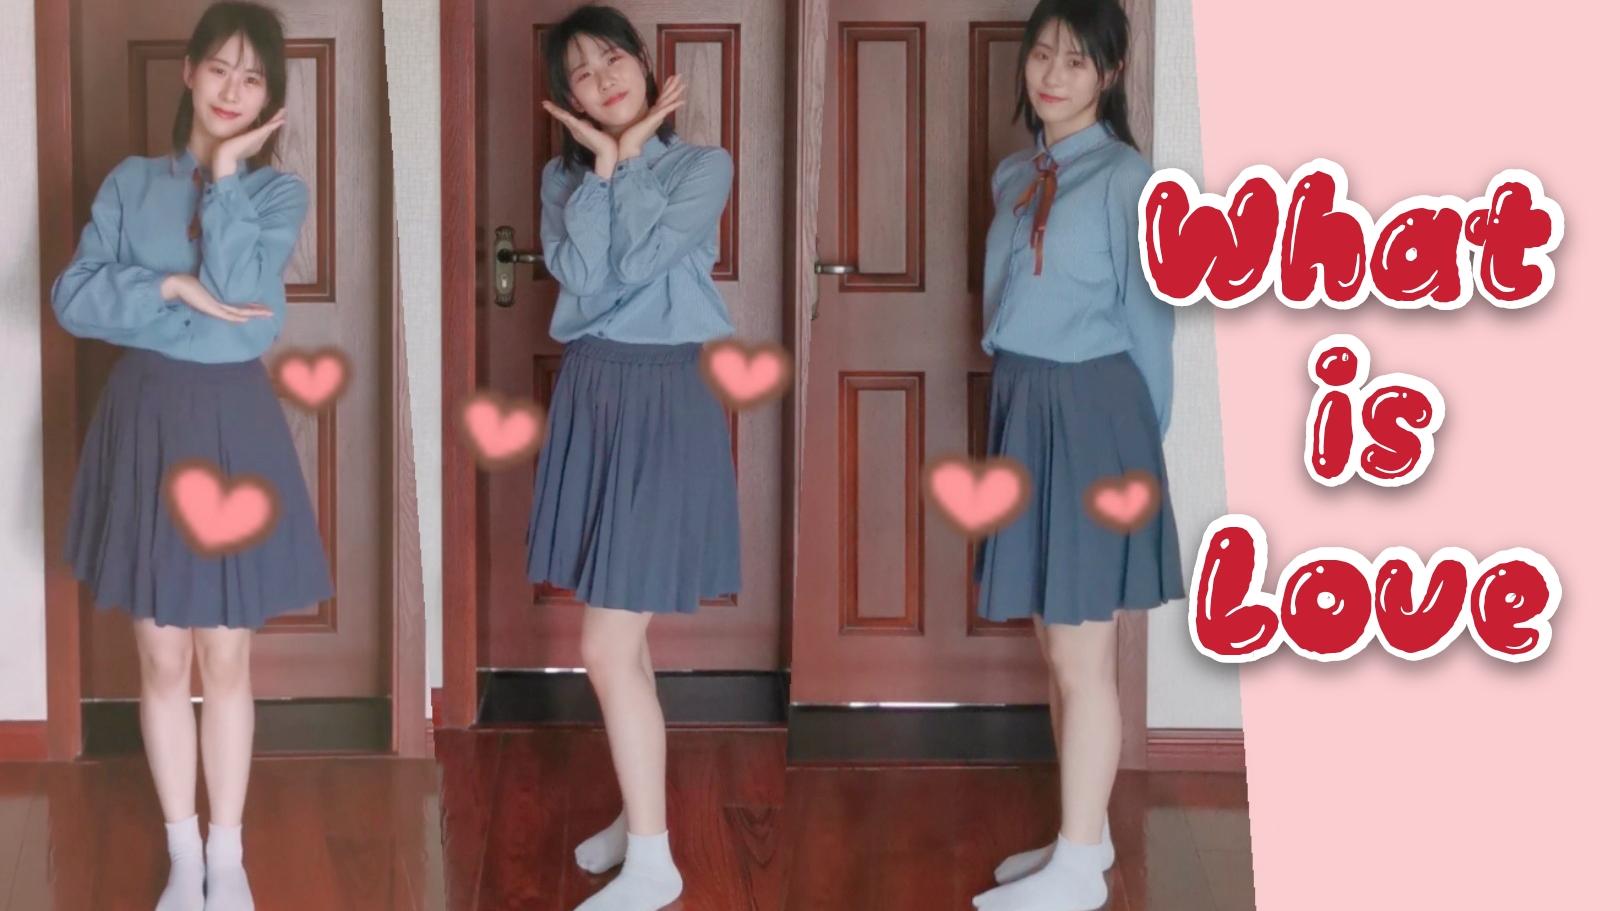 ️What is Love-Twice舞蹈超可爱翻跳!!!521快乐- ̗̀(๑ᵔ⌔ᵔ๑)